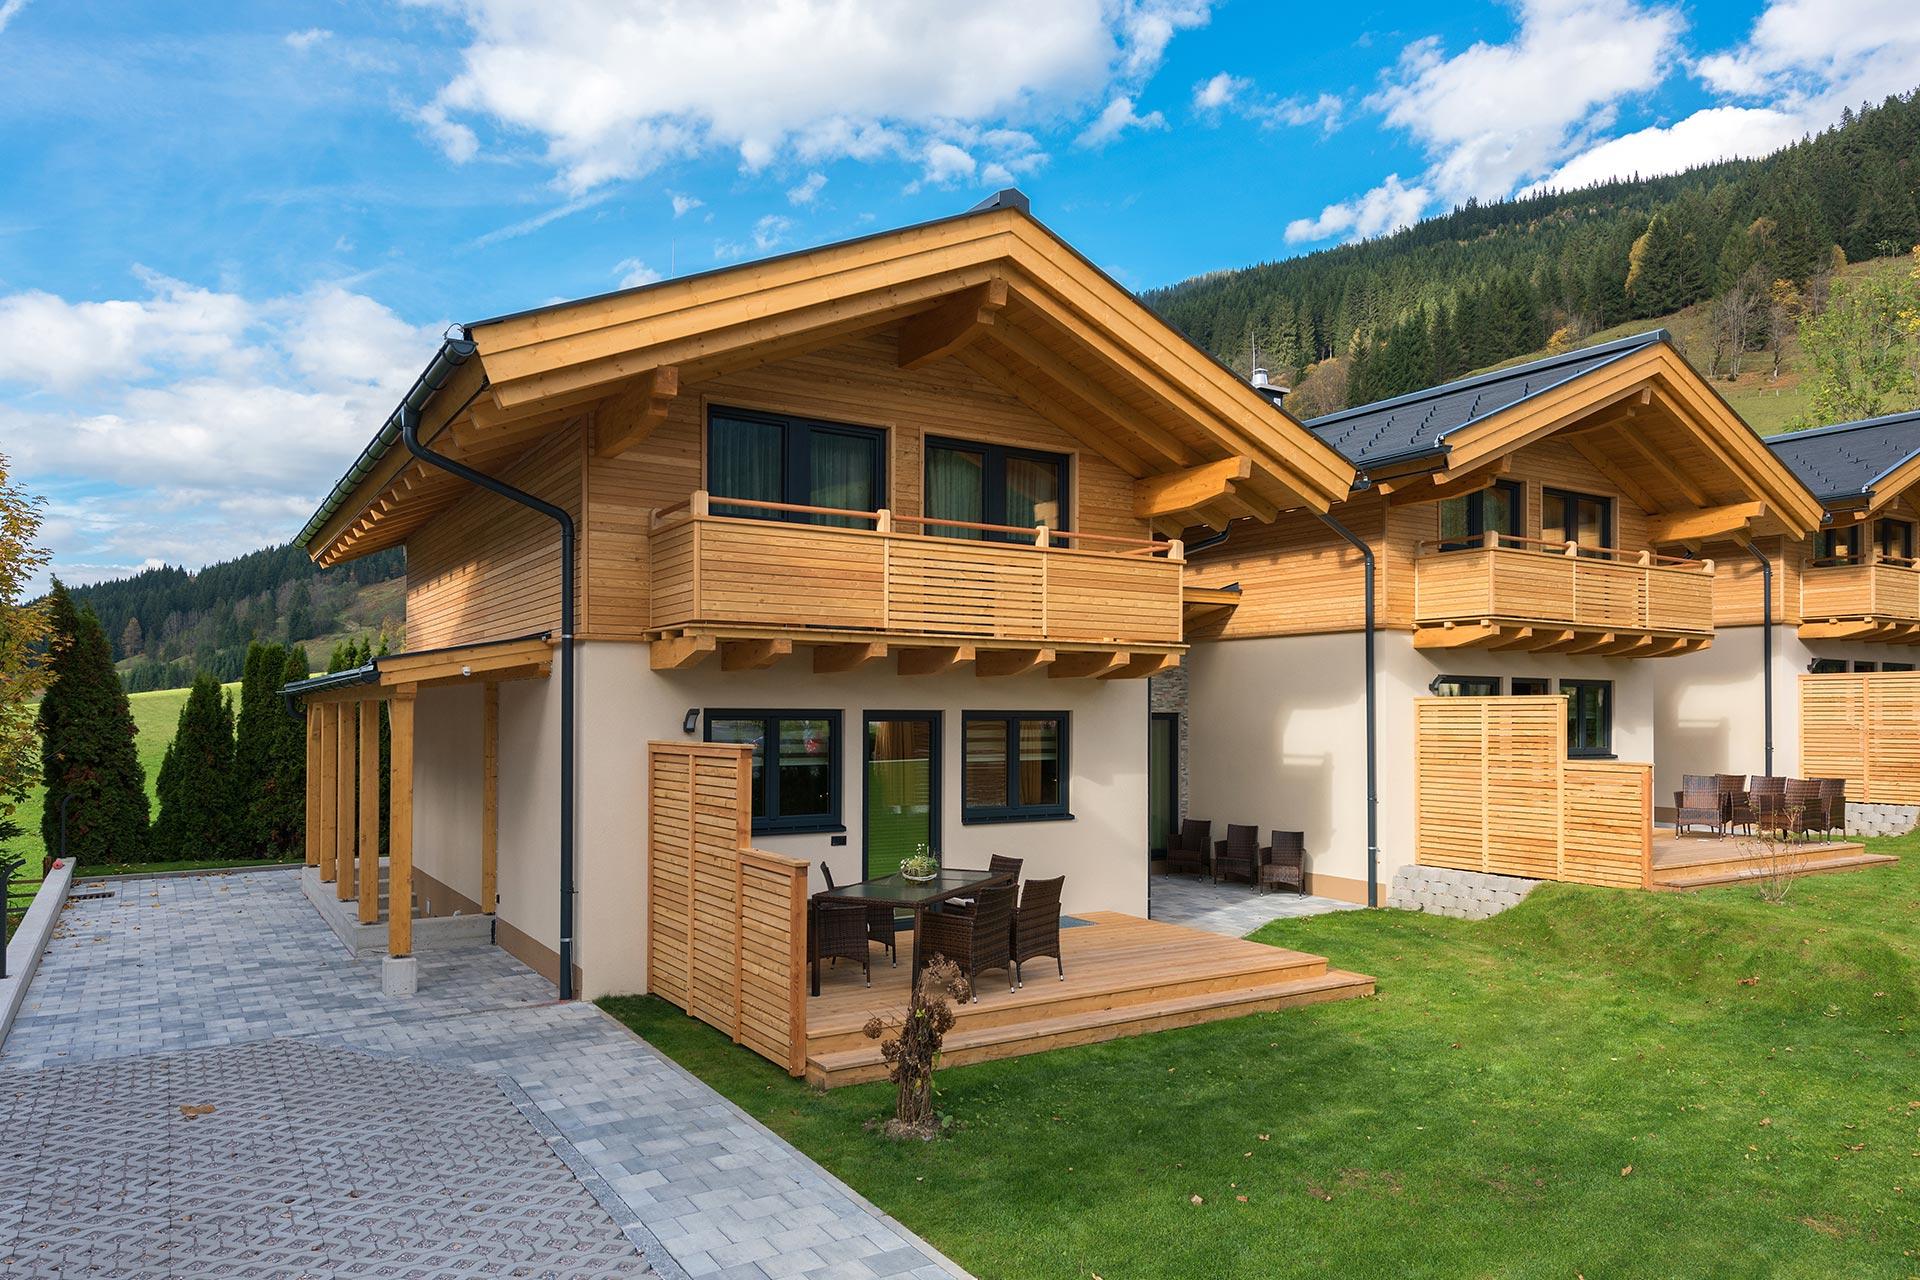 Case in legno spea tecnologie edili for Case in legno autorizzazioni